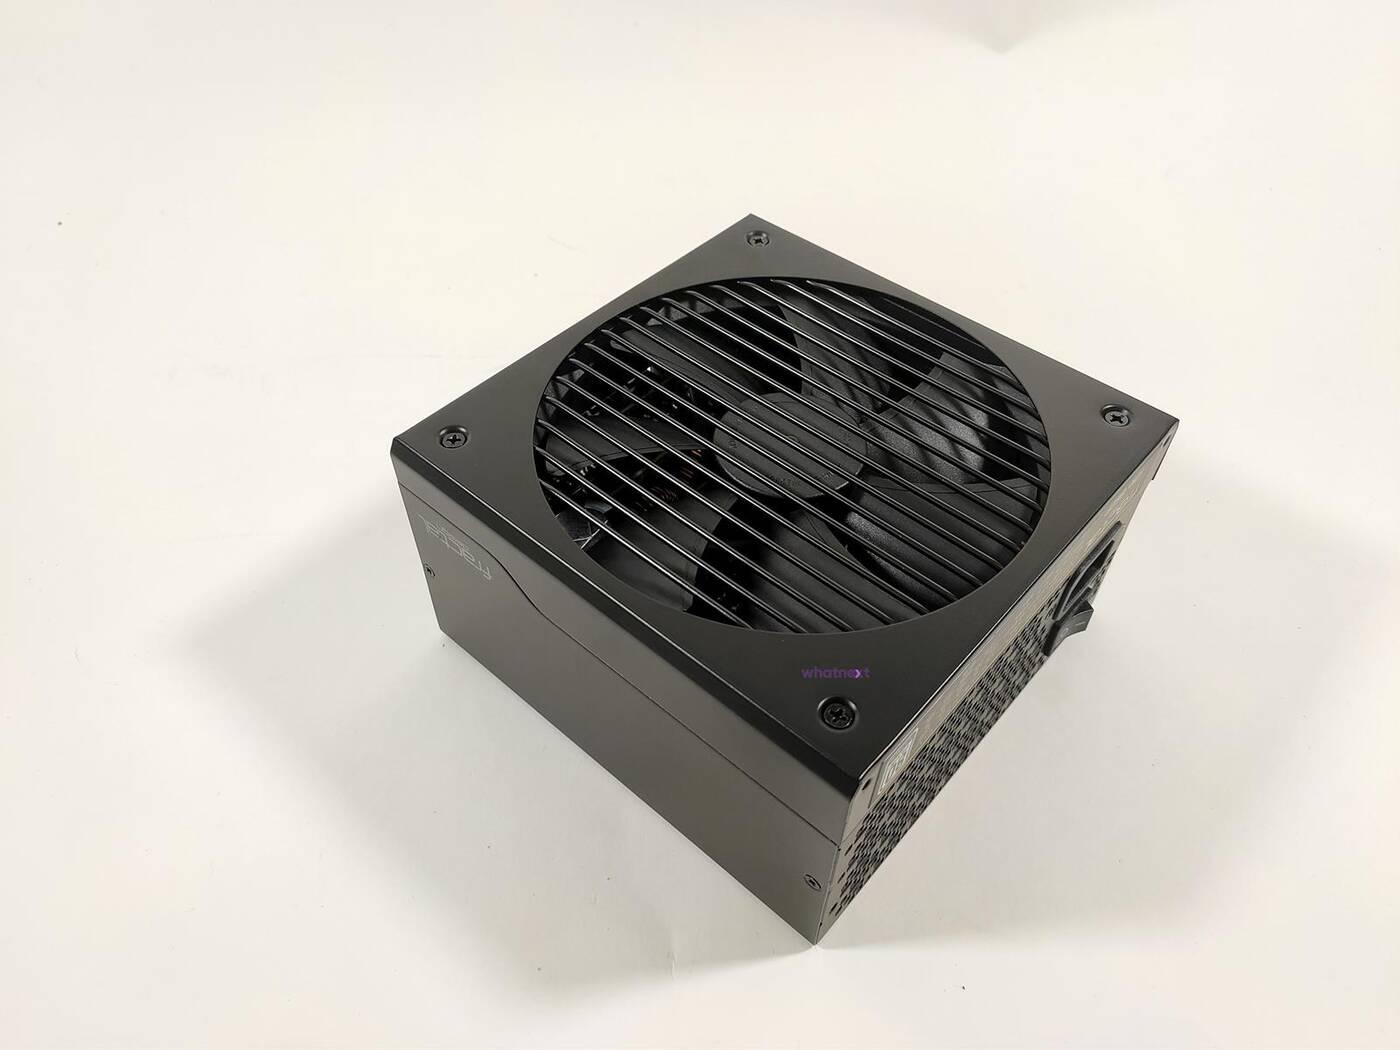 test Fractal Design Ion+ 860P, recenzja Fractal Design Ion+ 860P, review Fractal Design Ion+ 860P, zasilacz Fractal Design Ion+ 860P